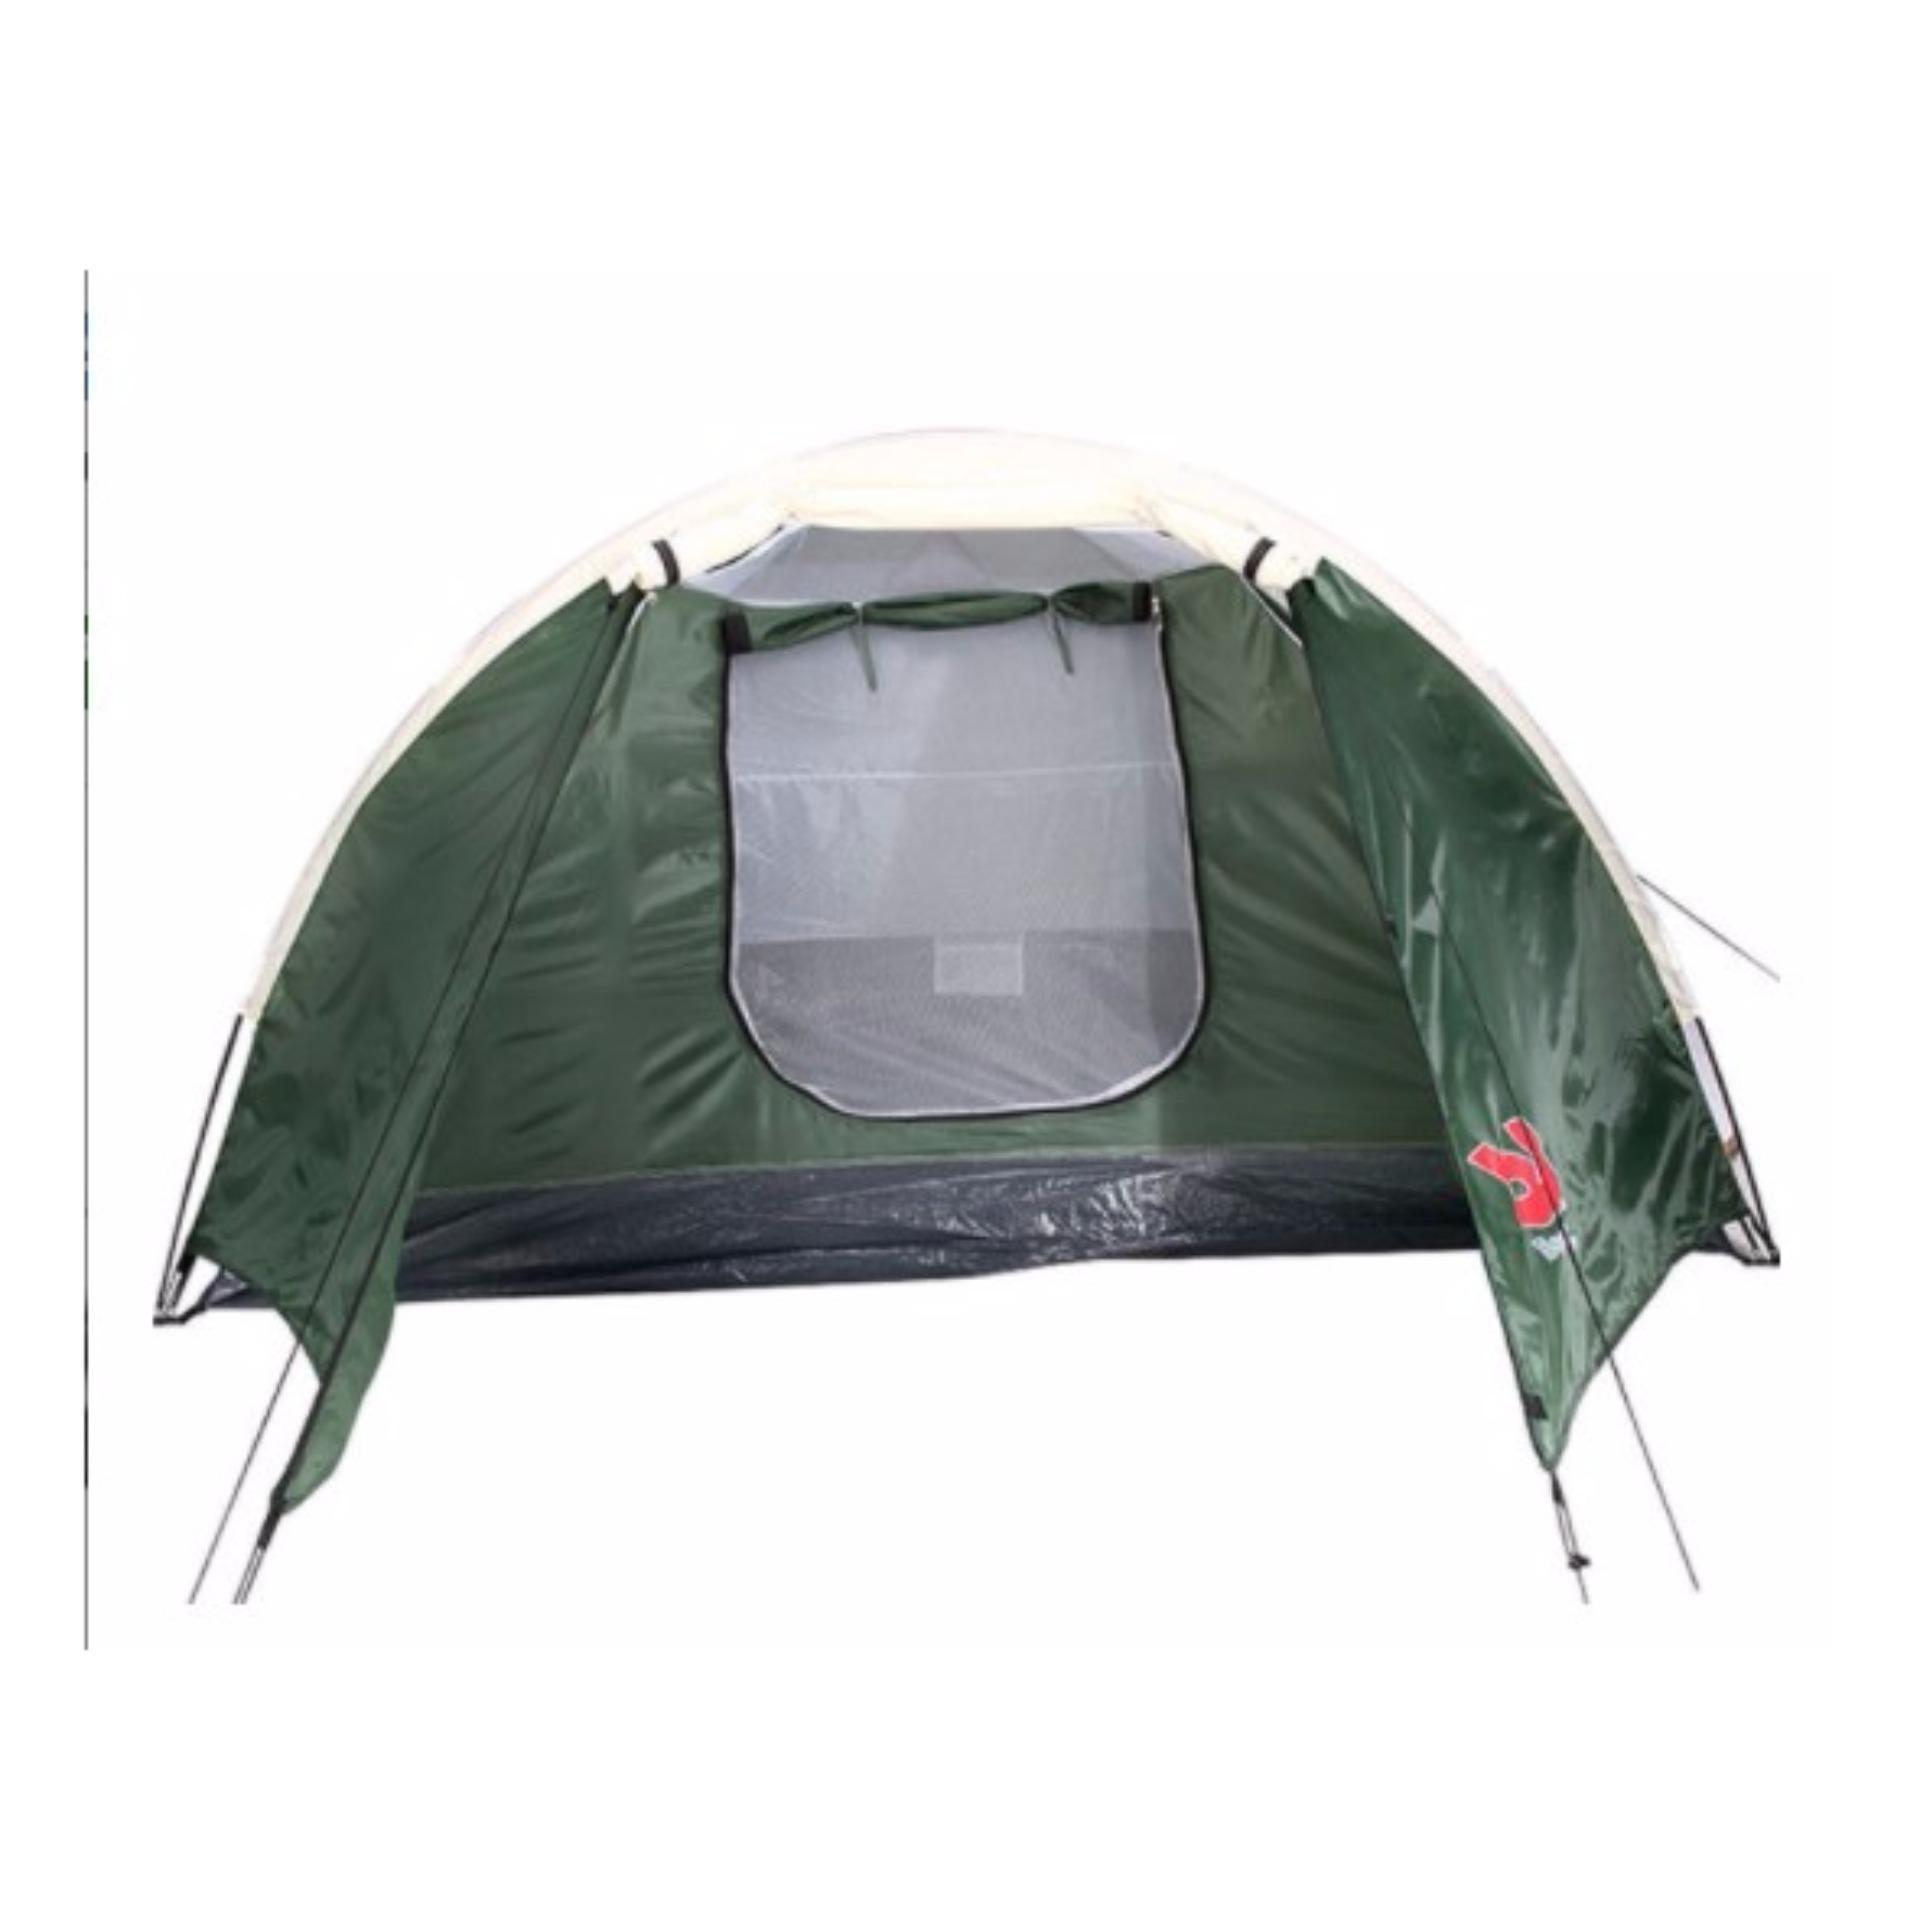 Tenda Camping Dome kap. 4 orang untuk Outdoor / Hiking ...